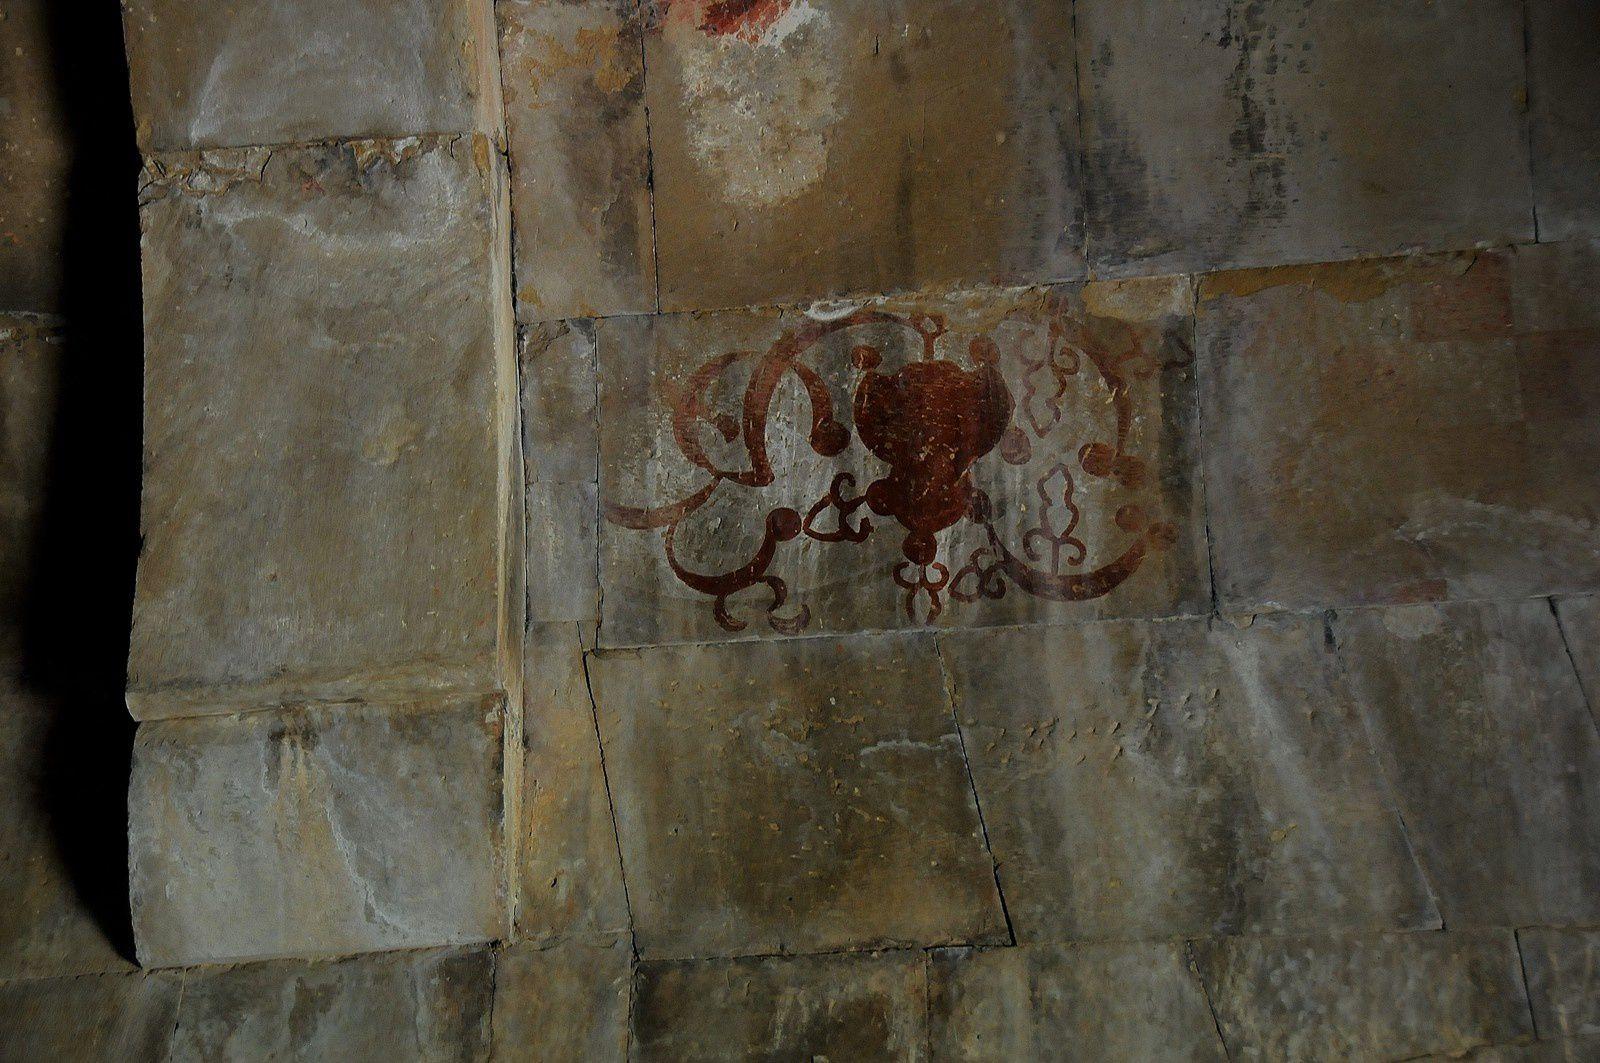 Ornement sur le plafond de la chapelle Sourp Grigor fait avec le pigment Vordan Karmir (rouge cochenille)